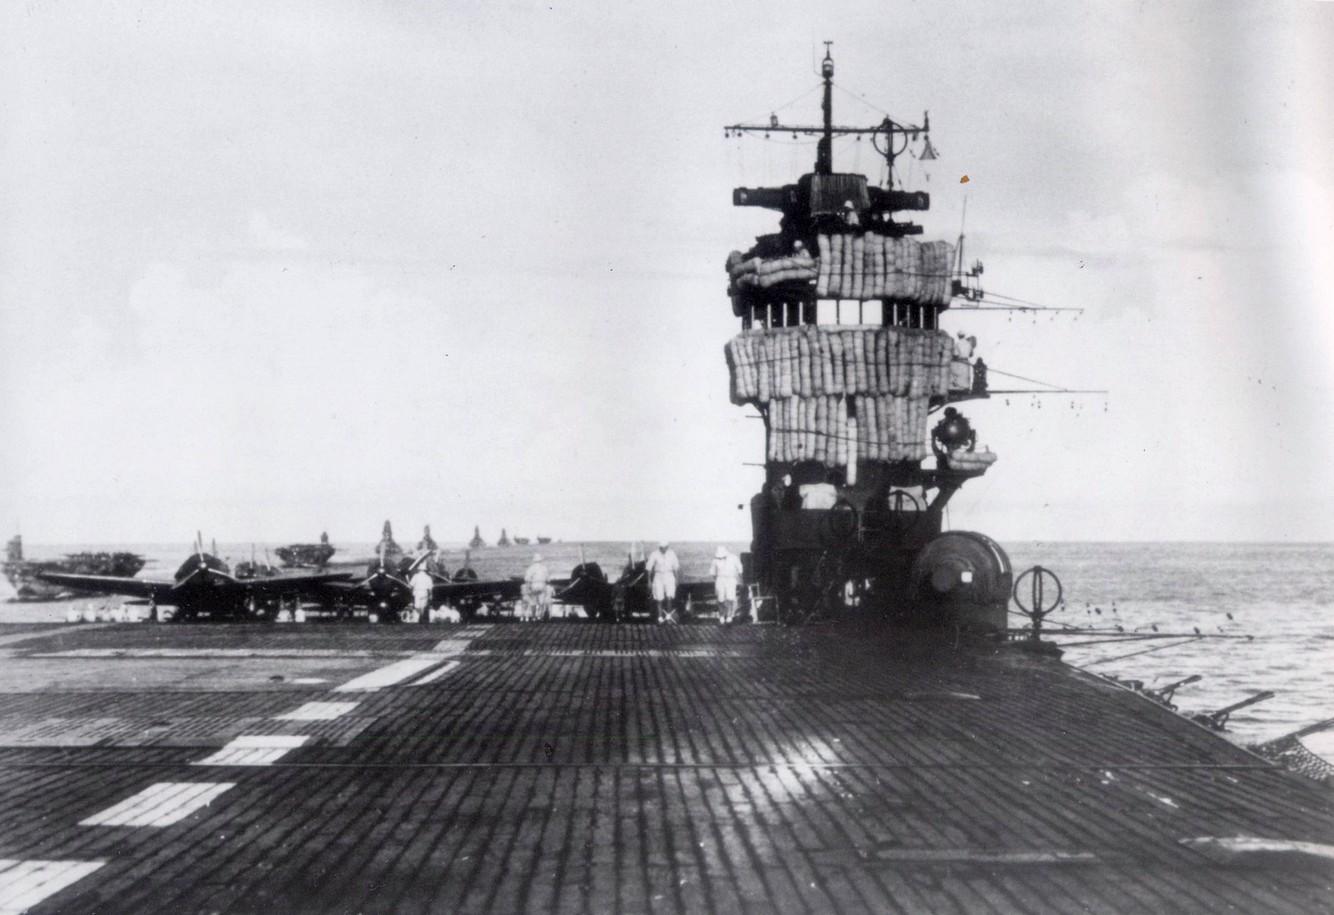 Az Akagi fedélzete, és parancsnoki tornya.